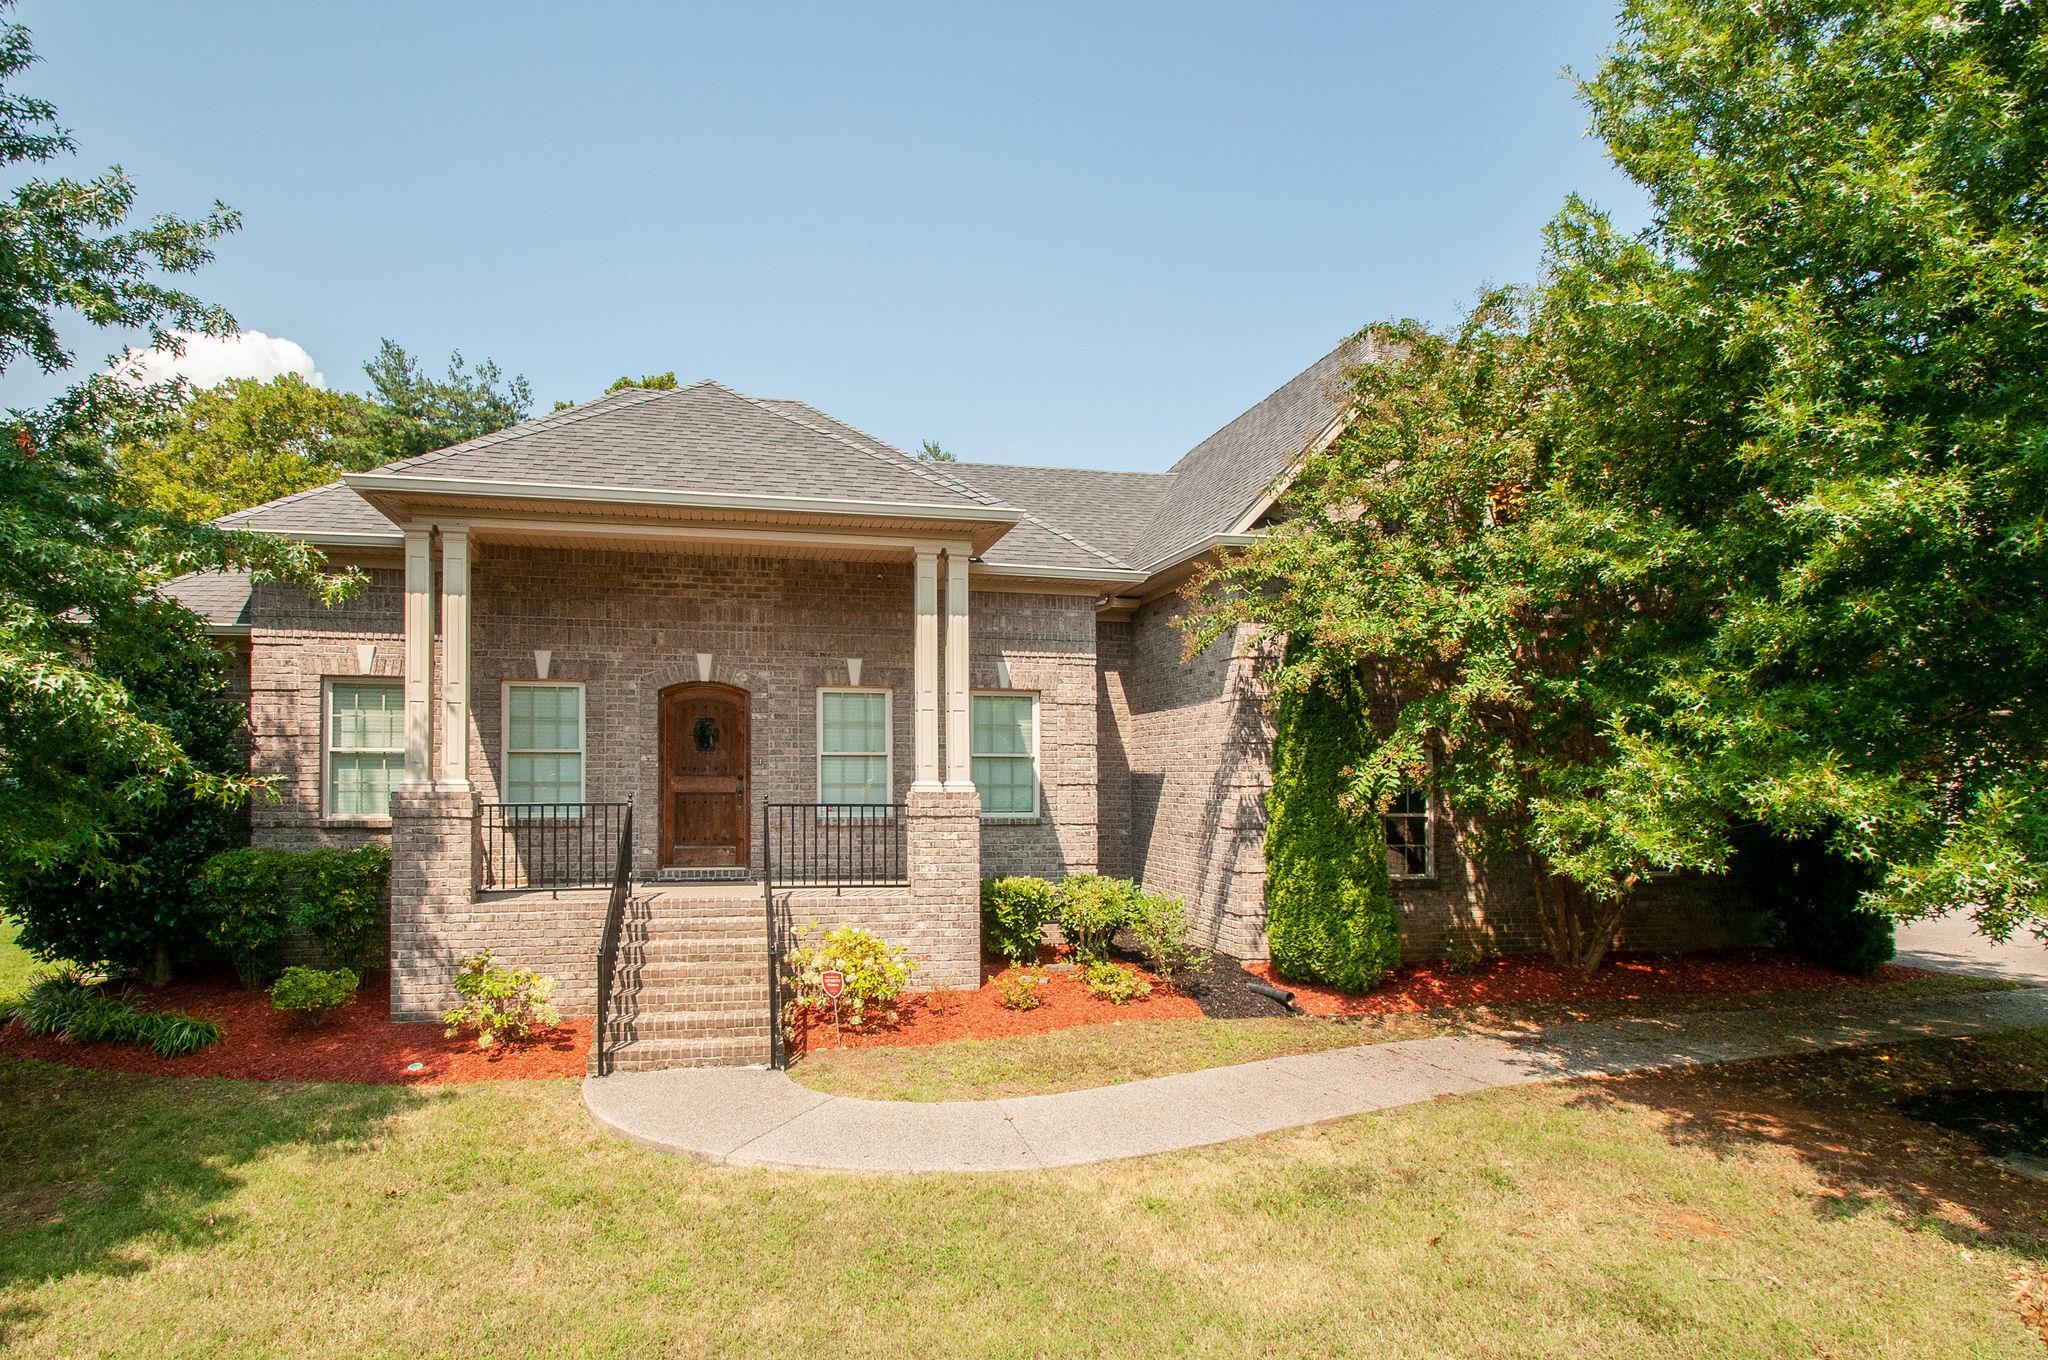 213 Valley Bend Dr, Nashville, TN 37214 - Nashville, TN real estate listing